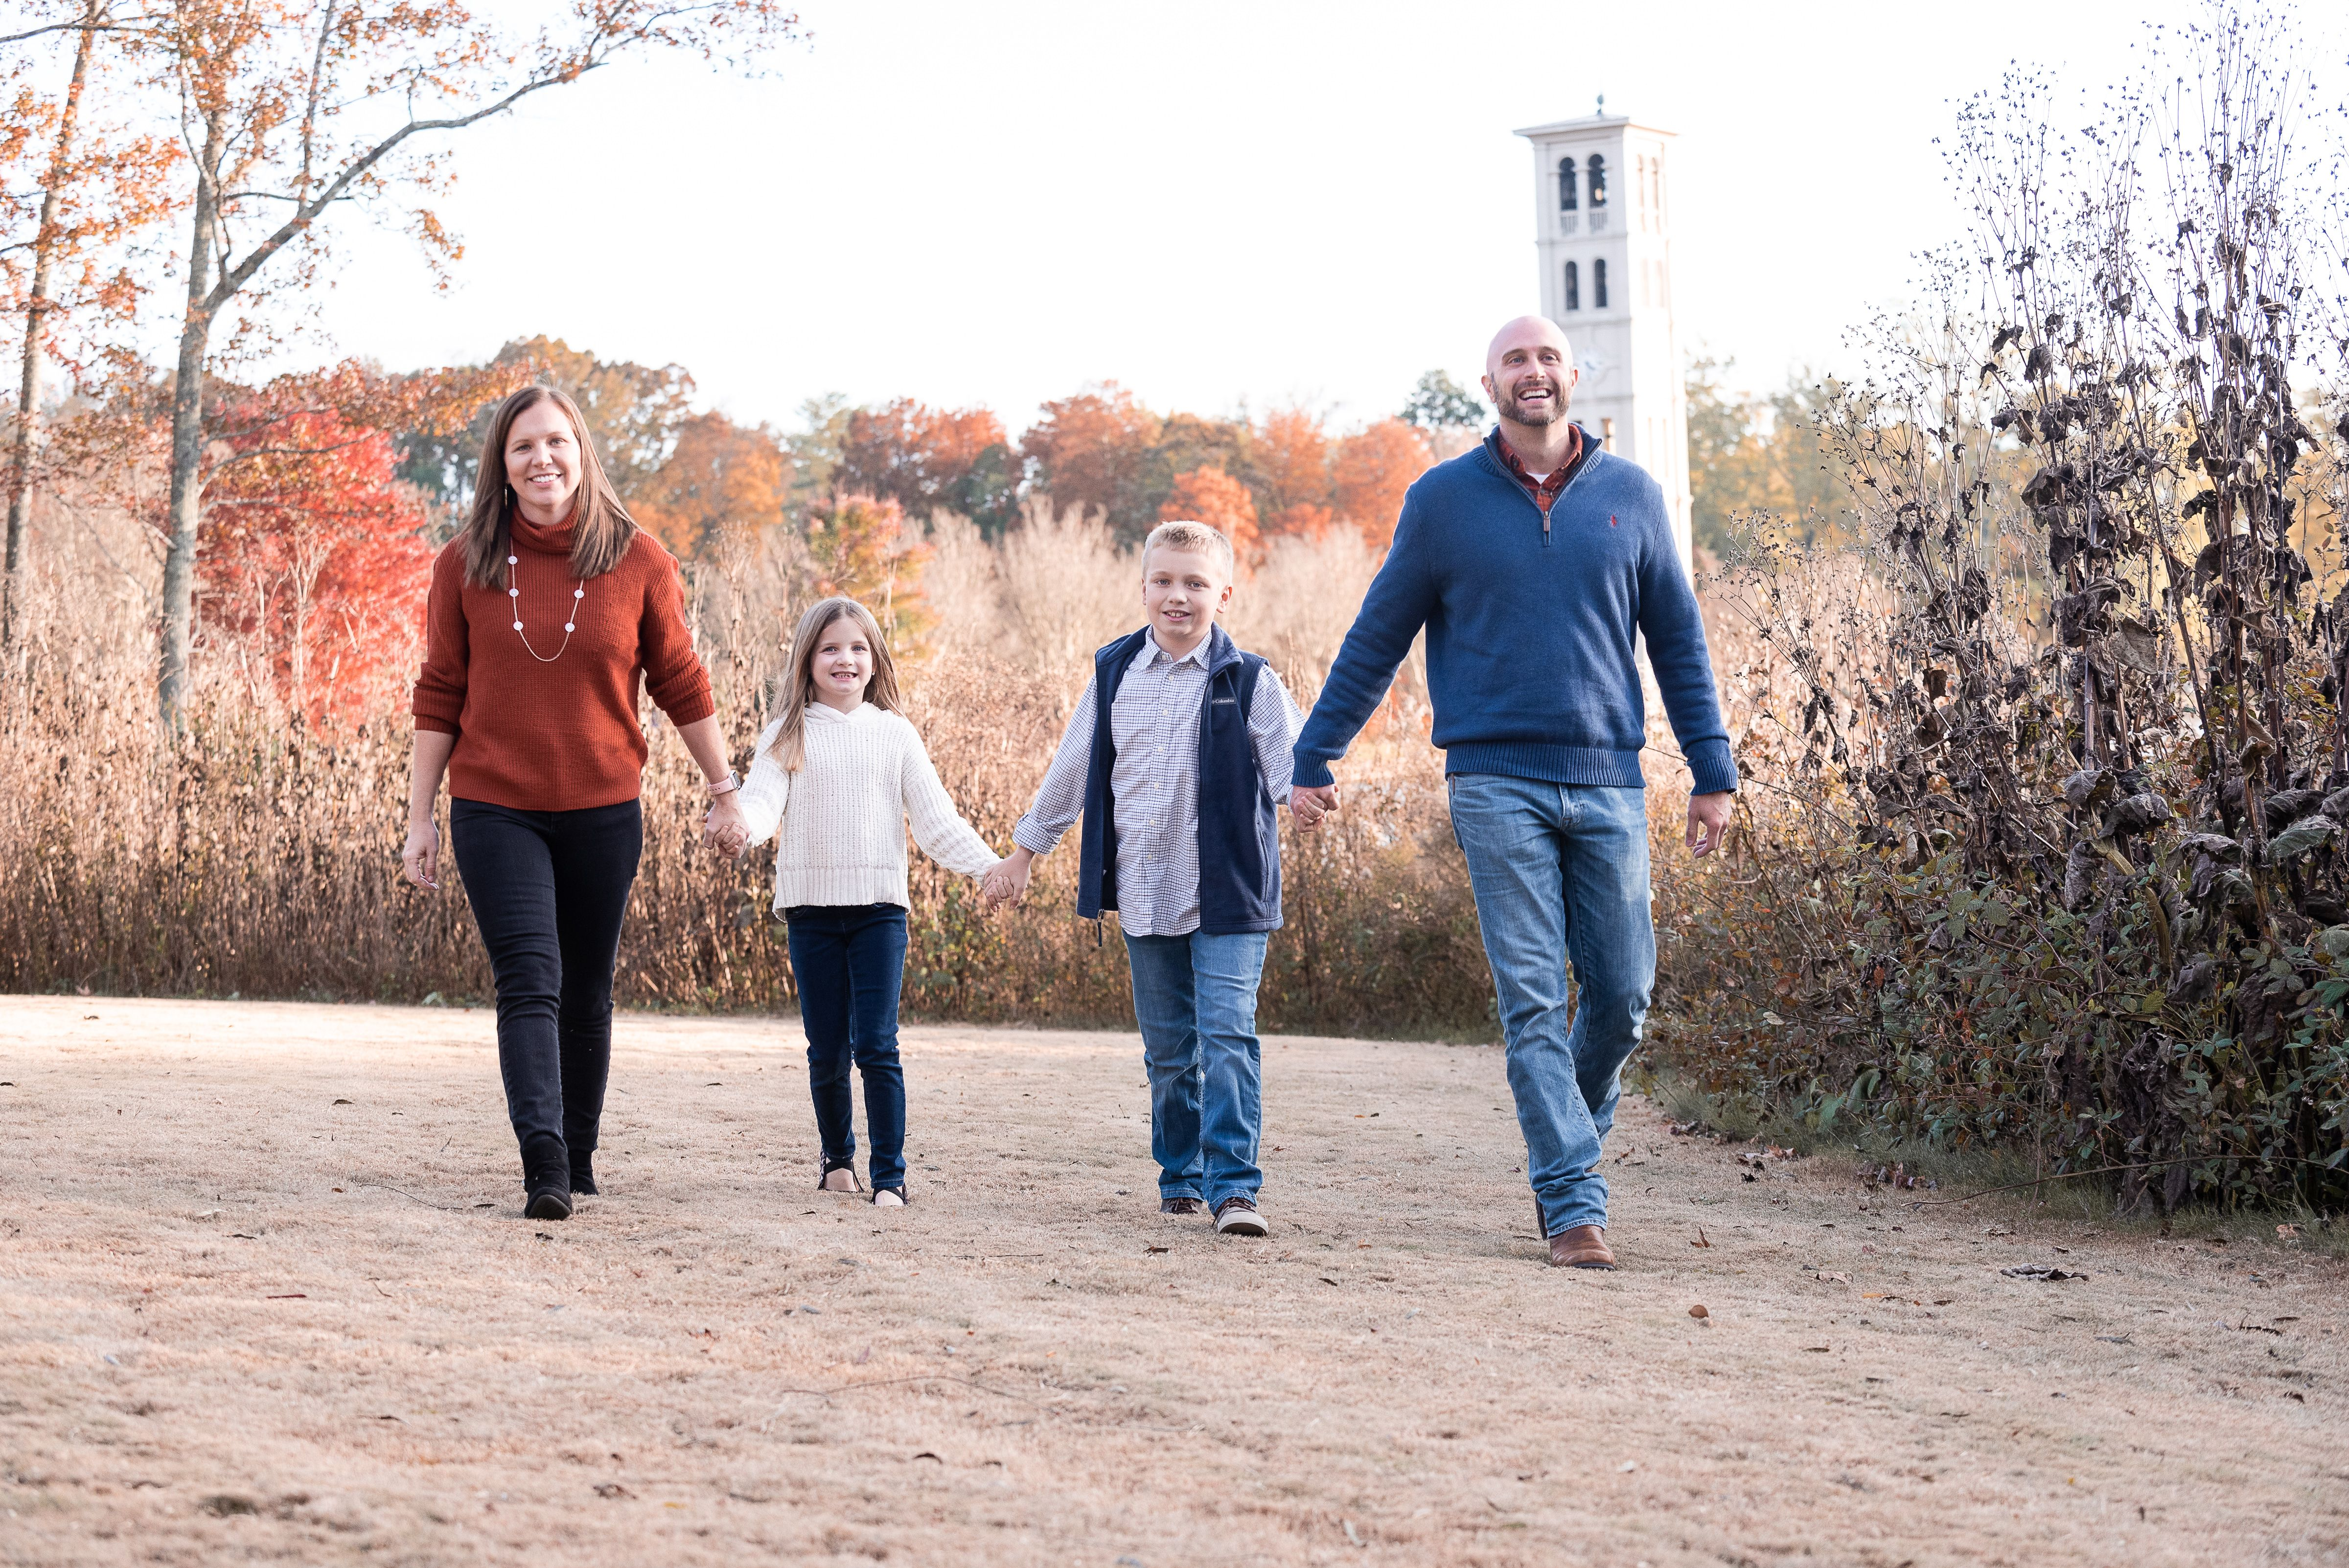 Family Christmas Photography Christmas Photography Family Photography Photography